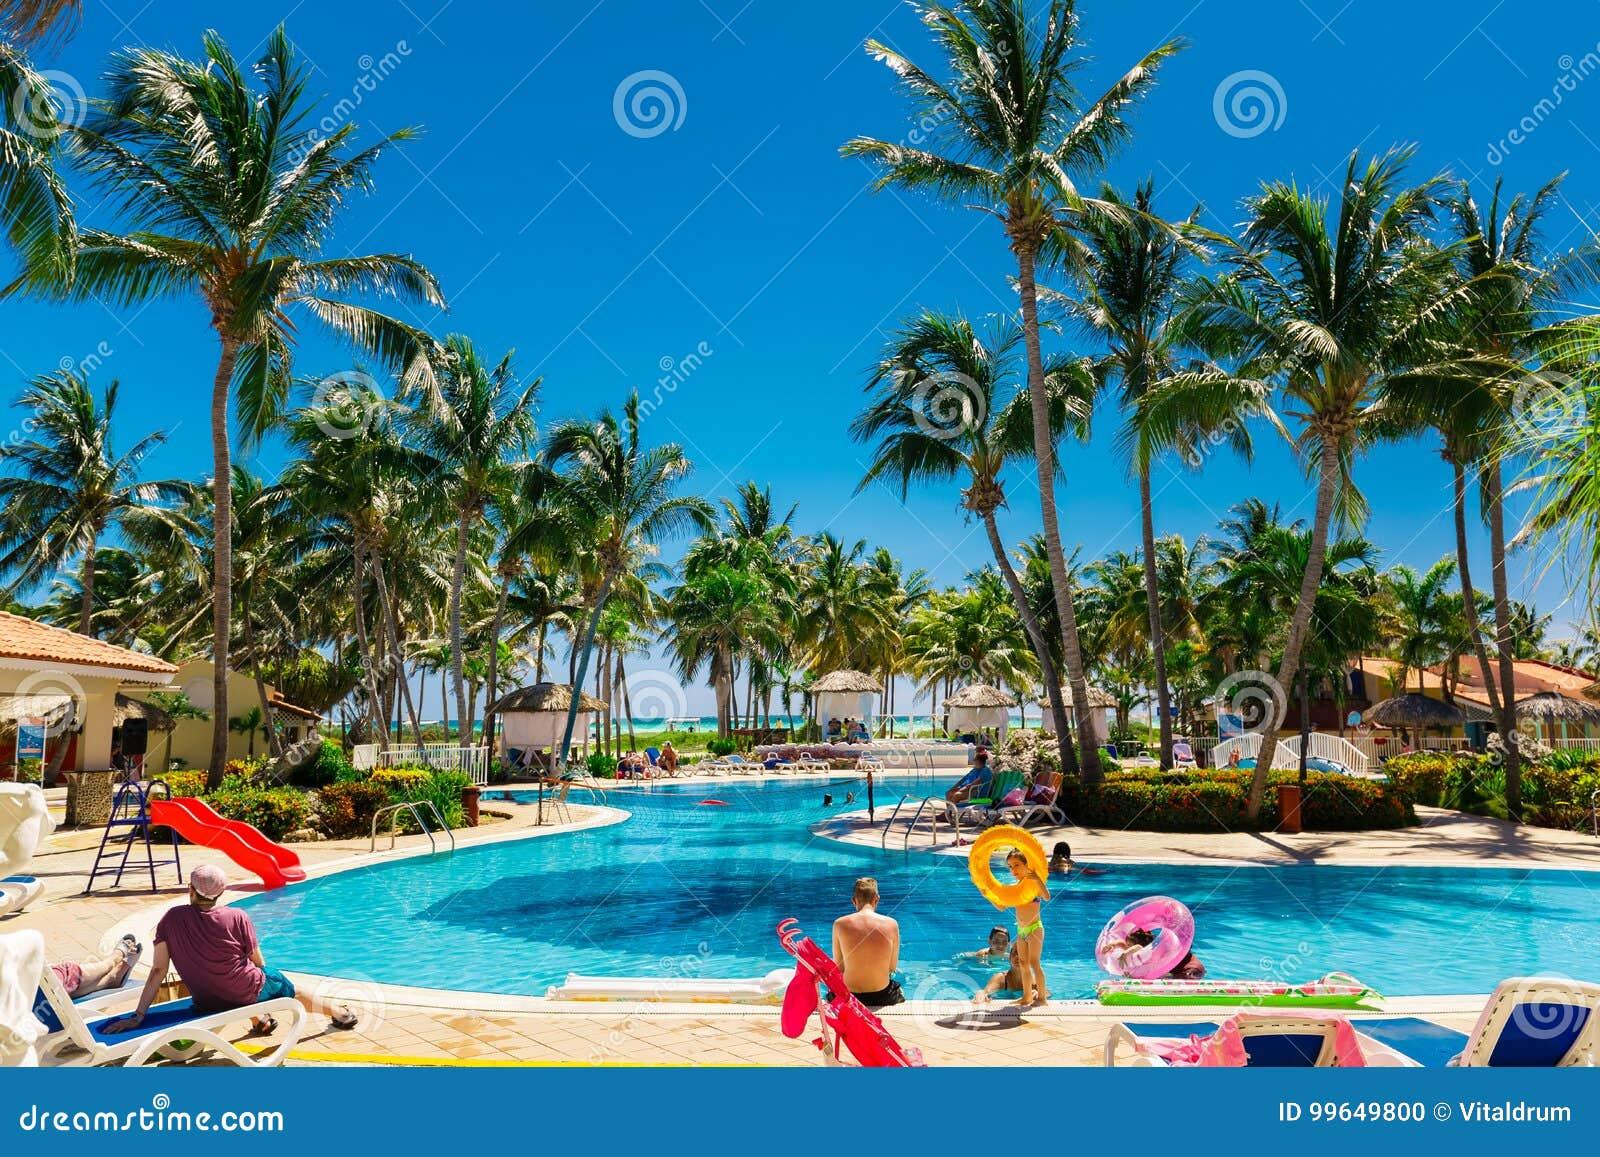 Vista Dal Lato Dell 39 Ingresso Dell 39 Hotel Sull 39 Invito La